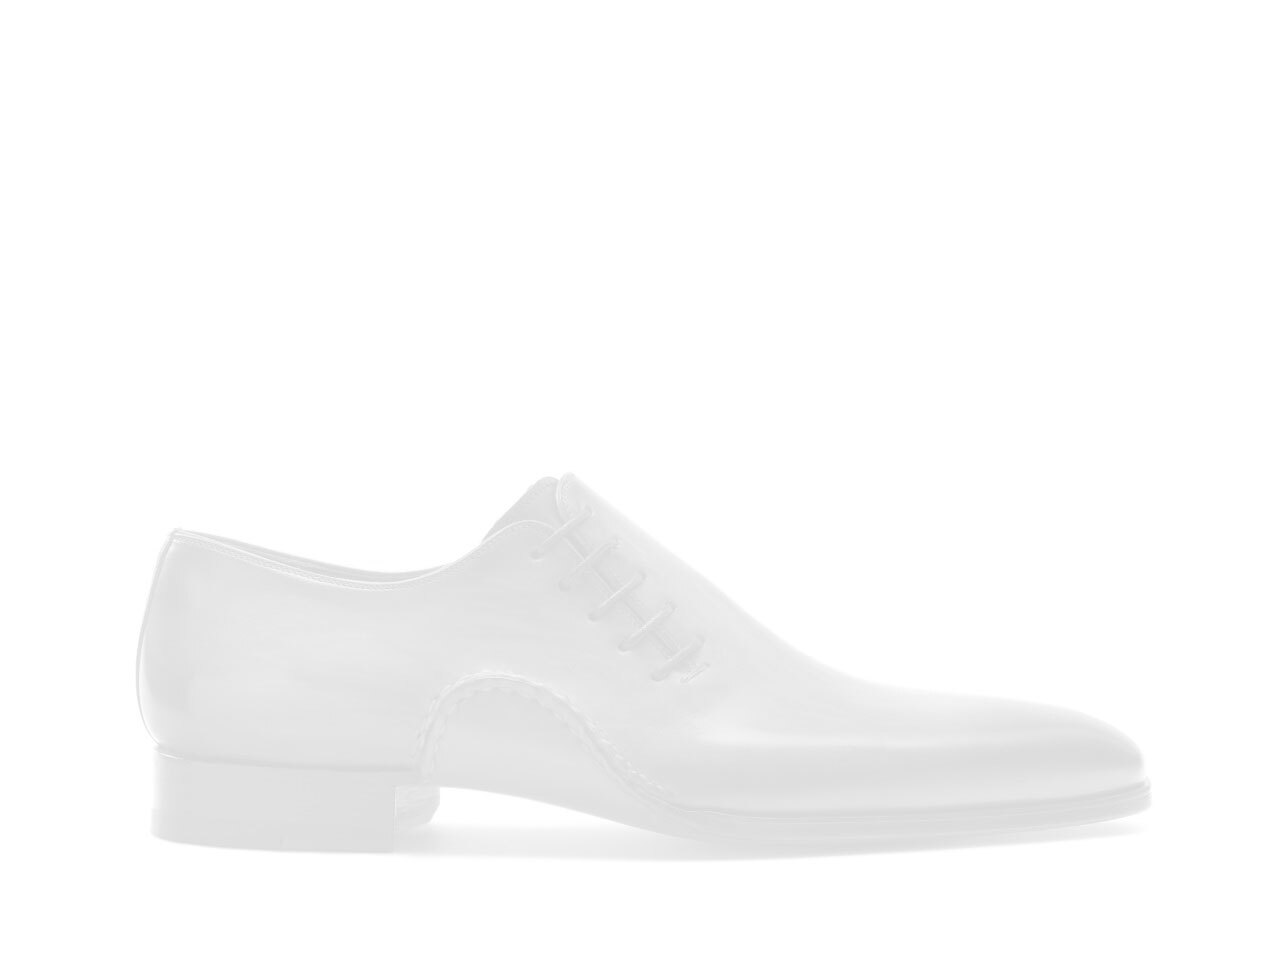 Sole of the Magnanni Dante Black Patent Men's Derby Shoes